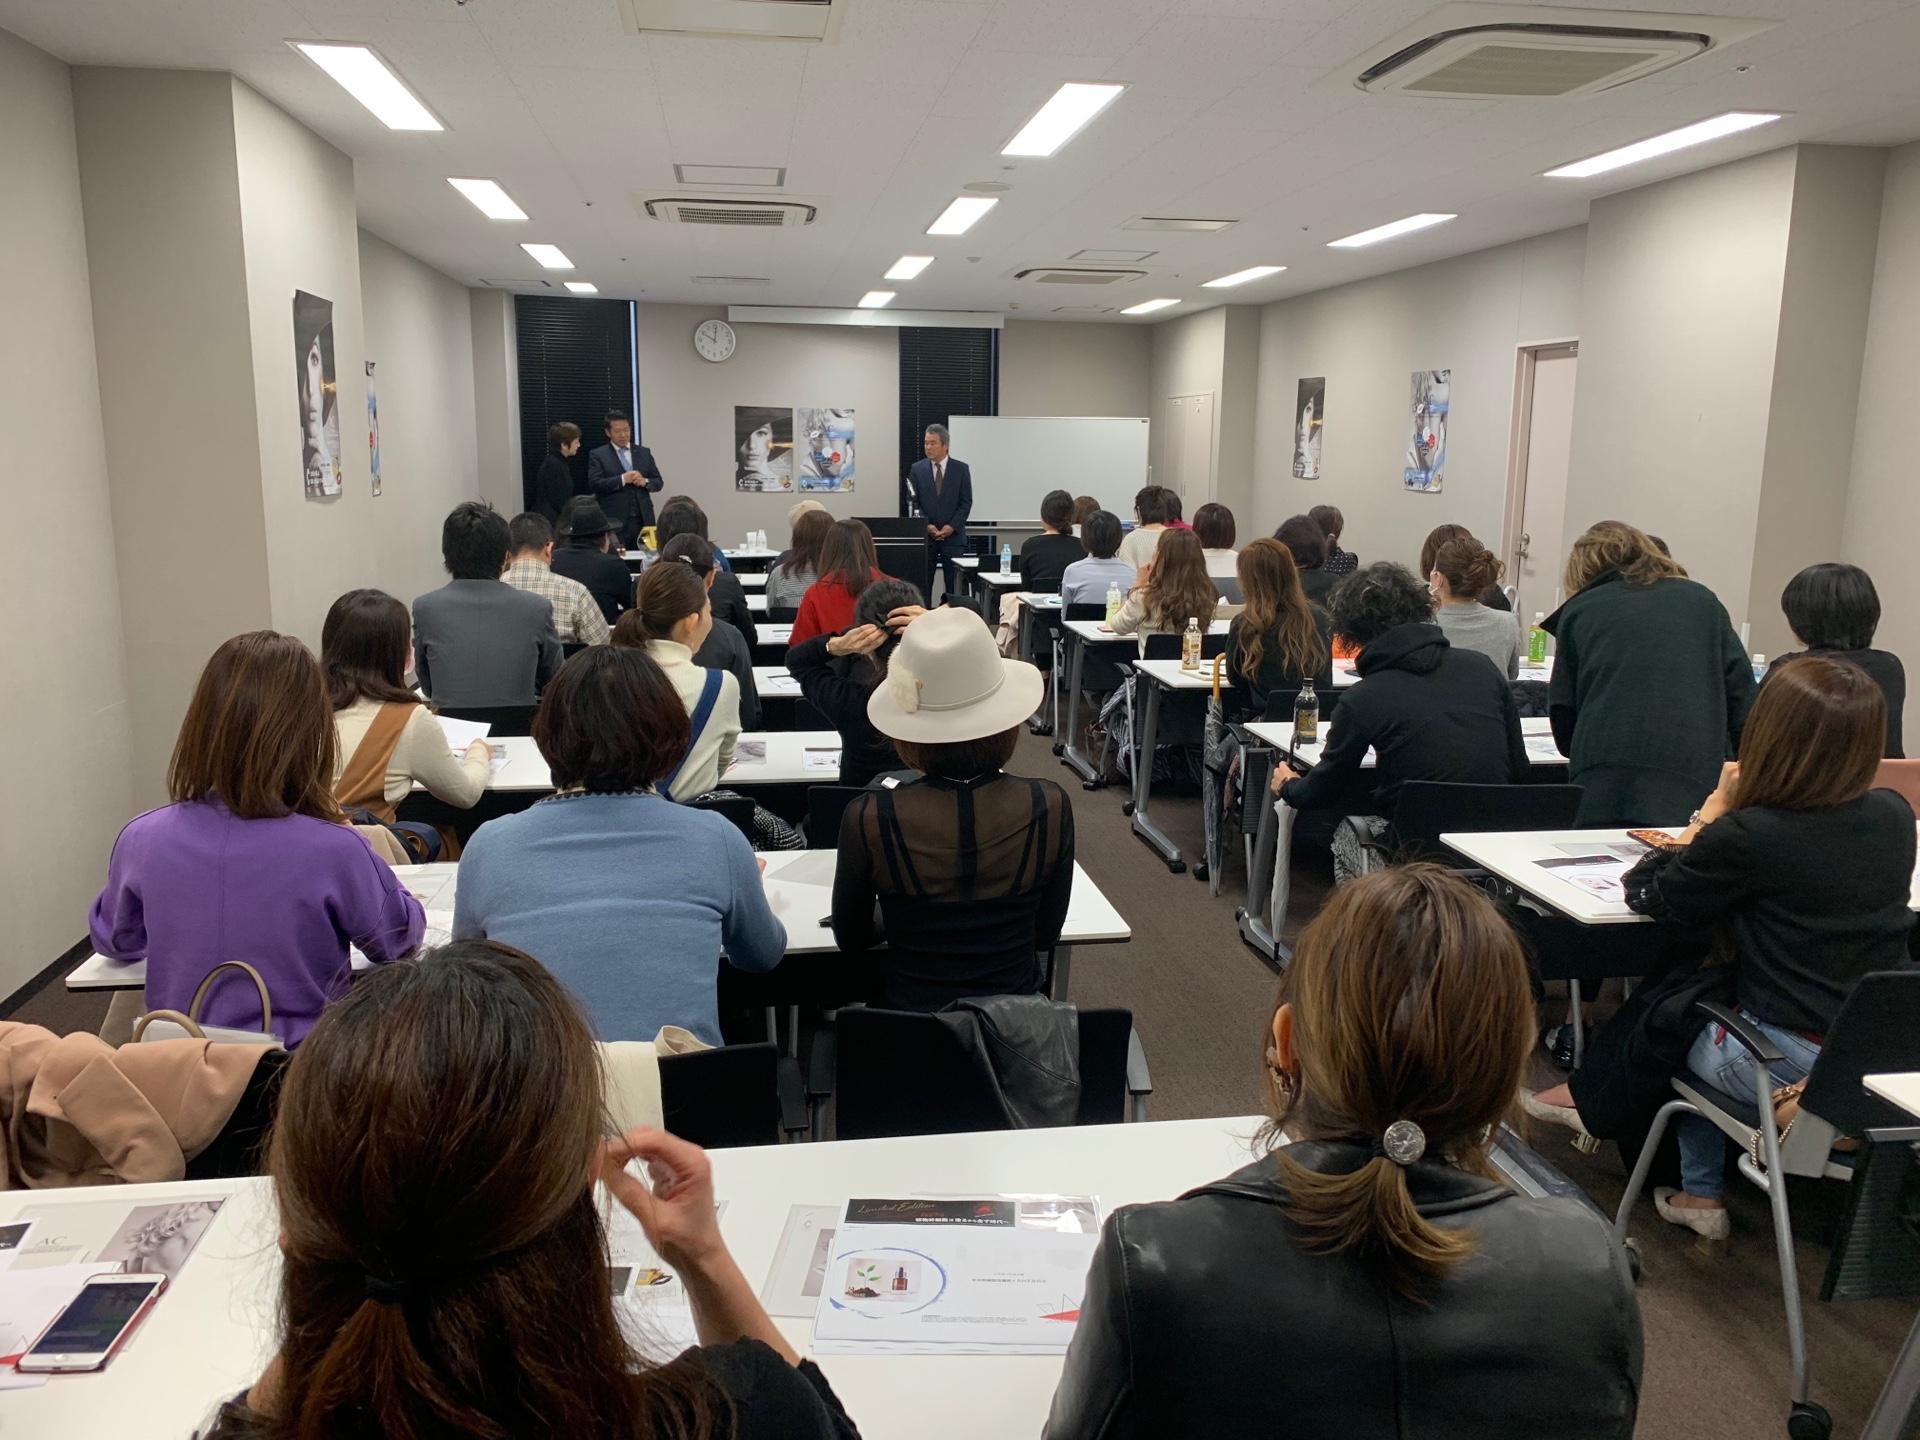 【満員御礼】リアボーテハーブトリートメント東京講習会